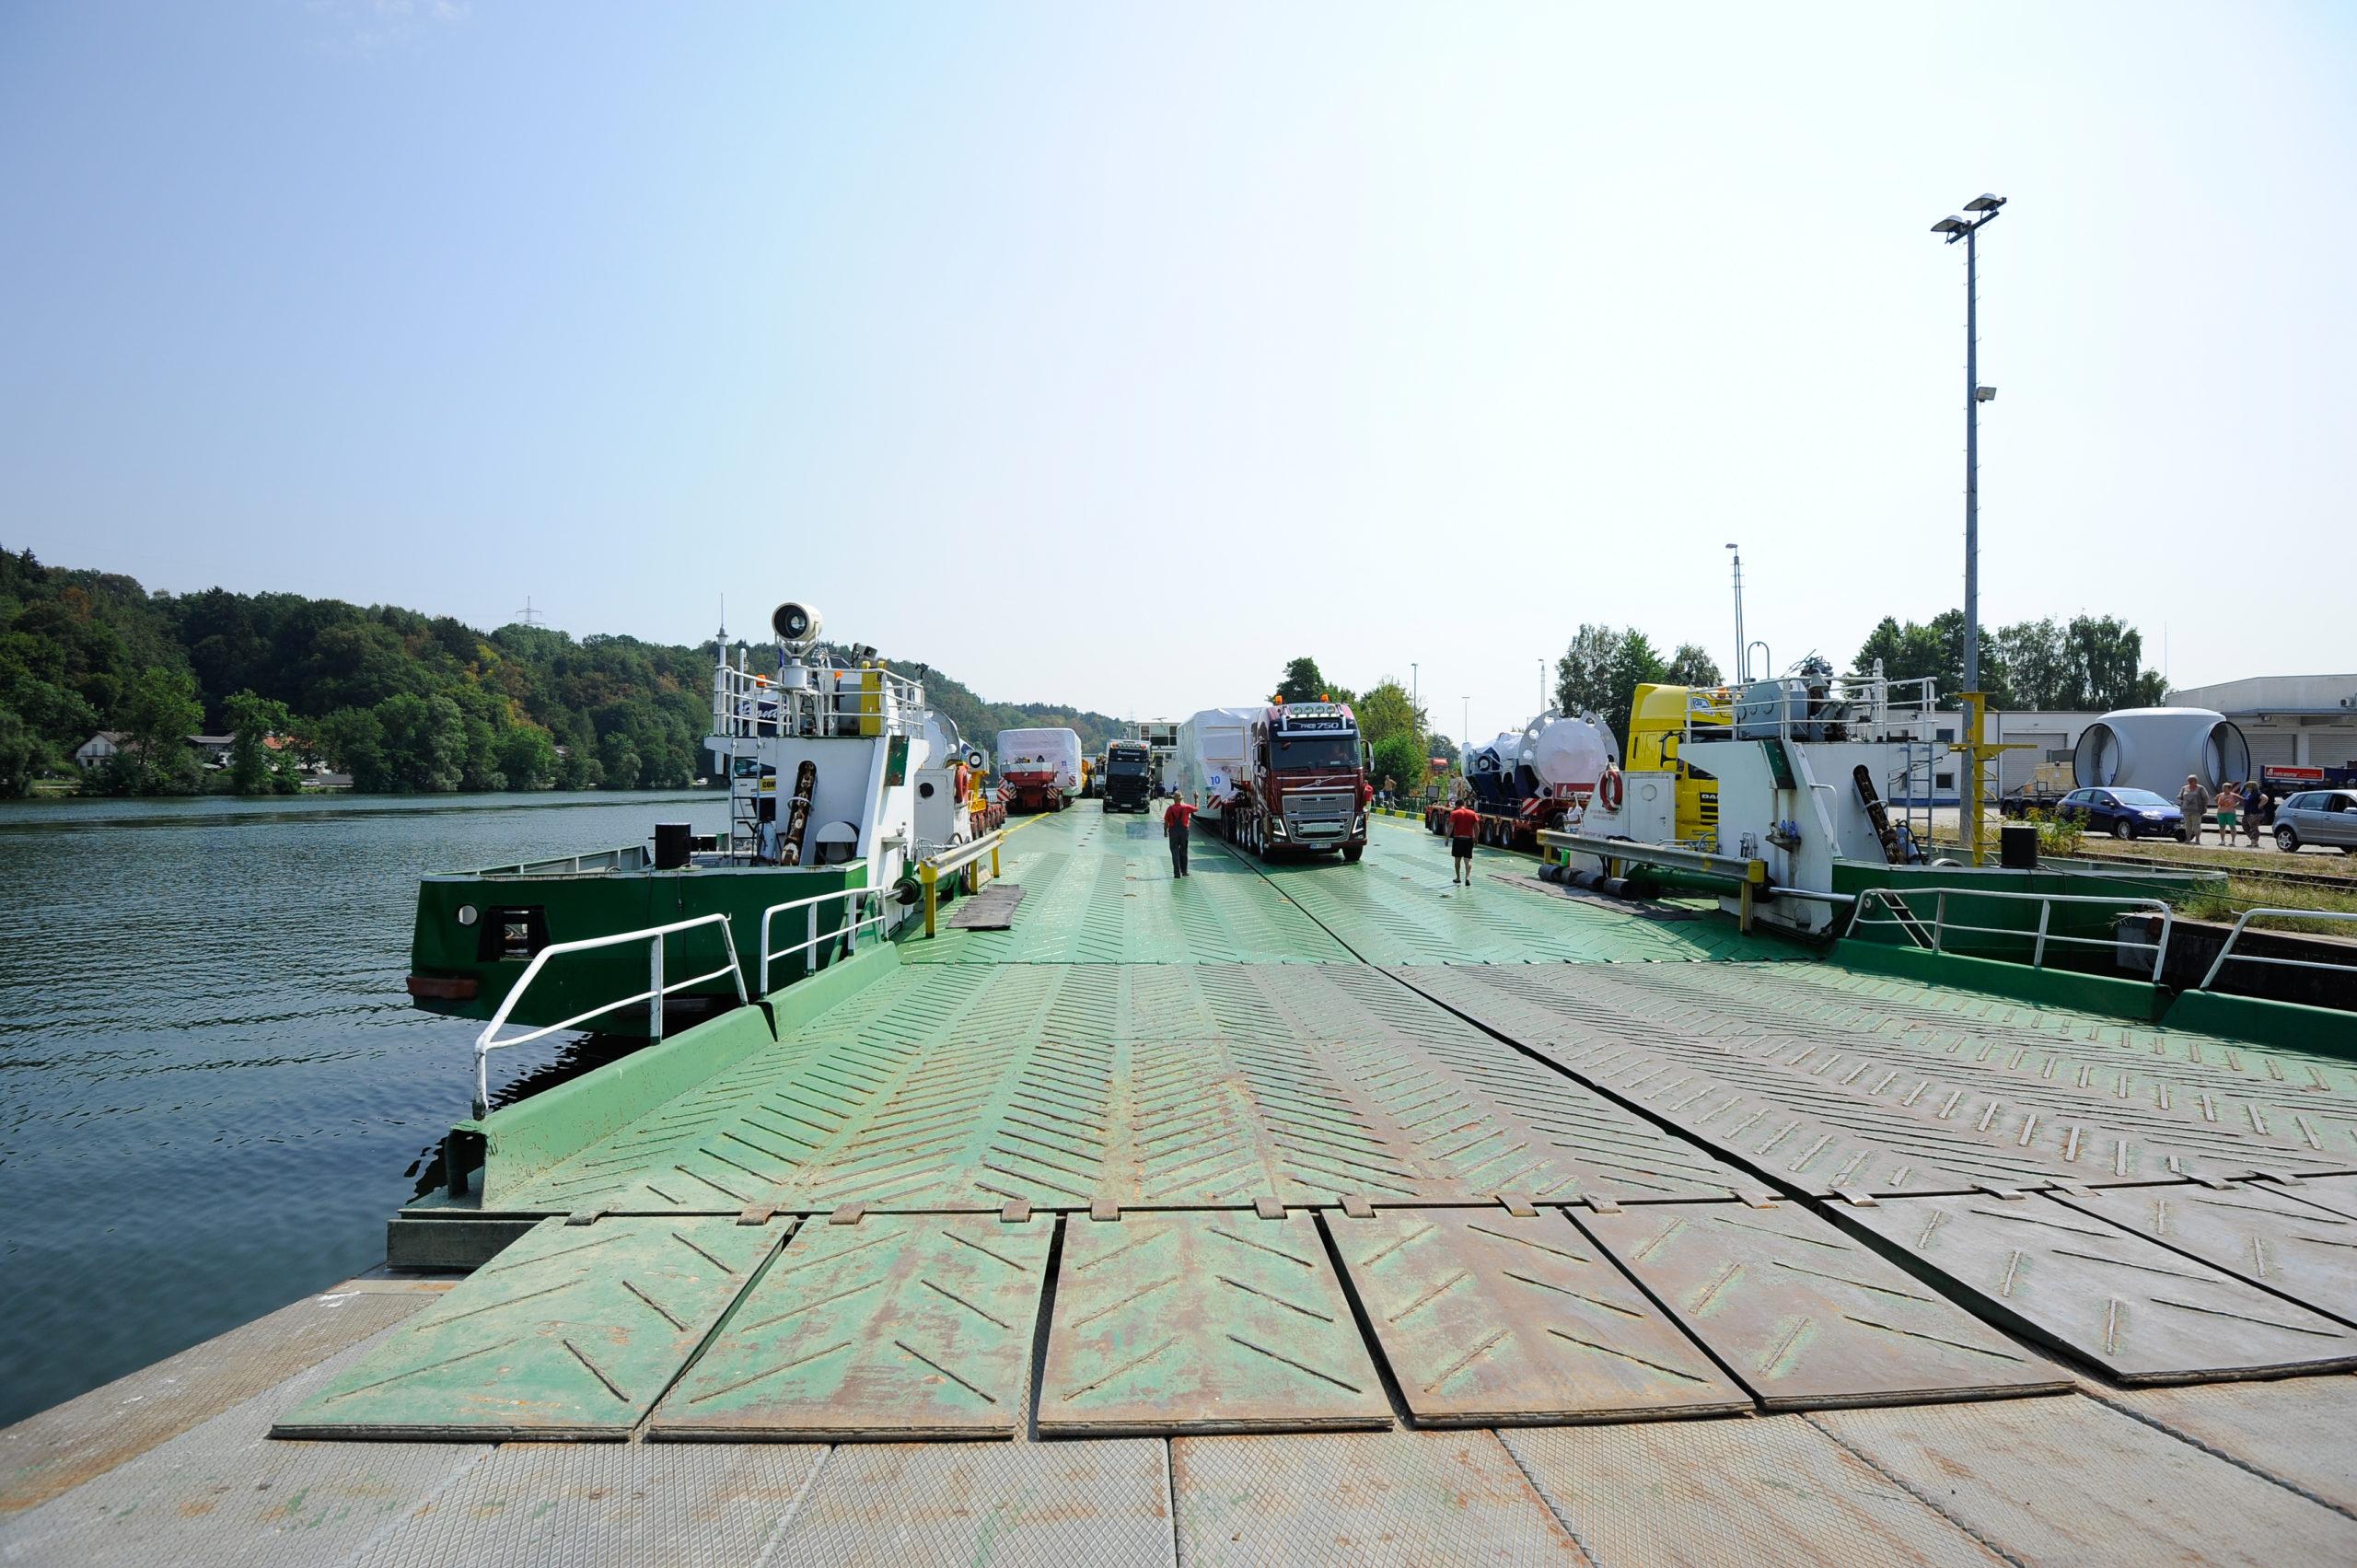 RoRo-Verladung von LKWs auf ein RoRo-Schiff